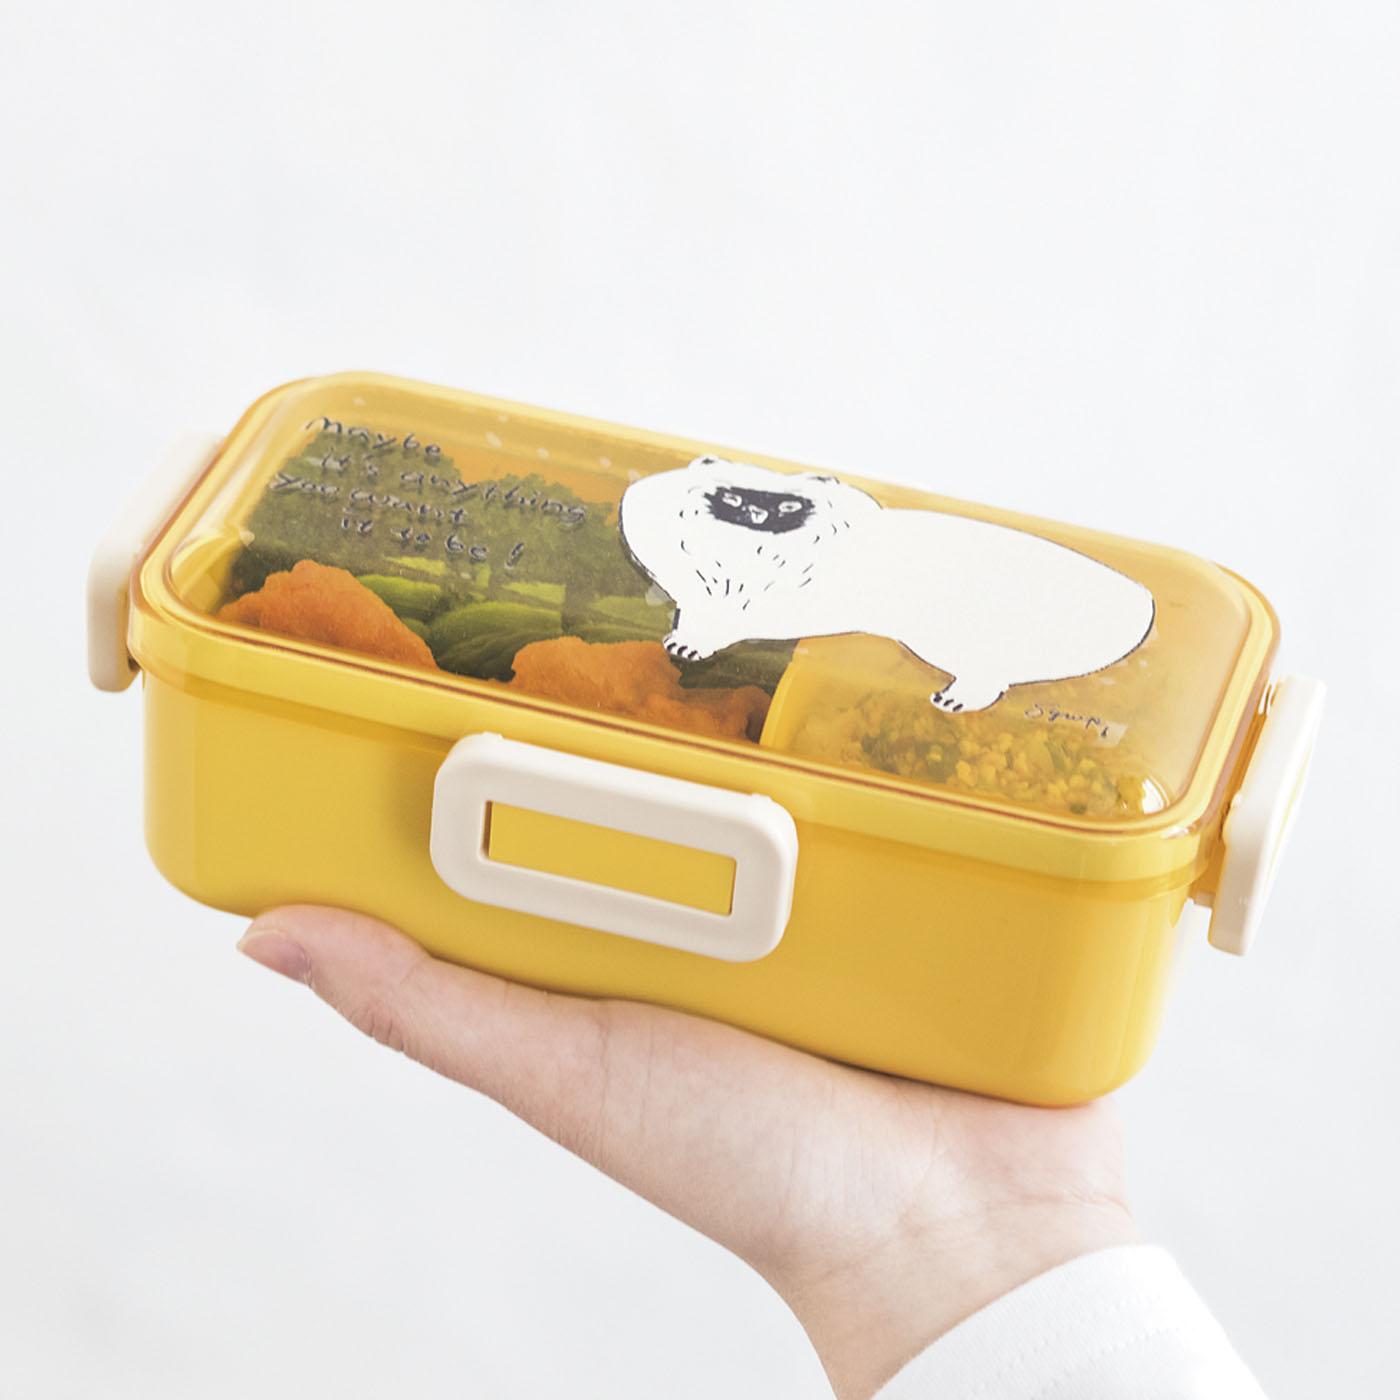 片手でも持ちやすいスリムサイズ。通勤・通学のバッグにもすっぽり。